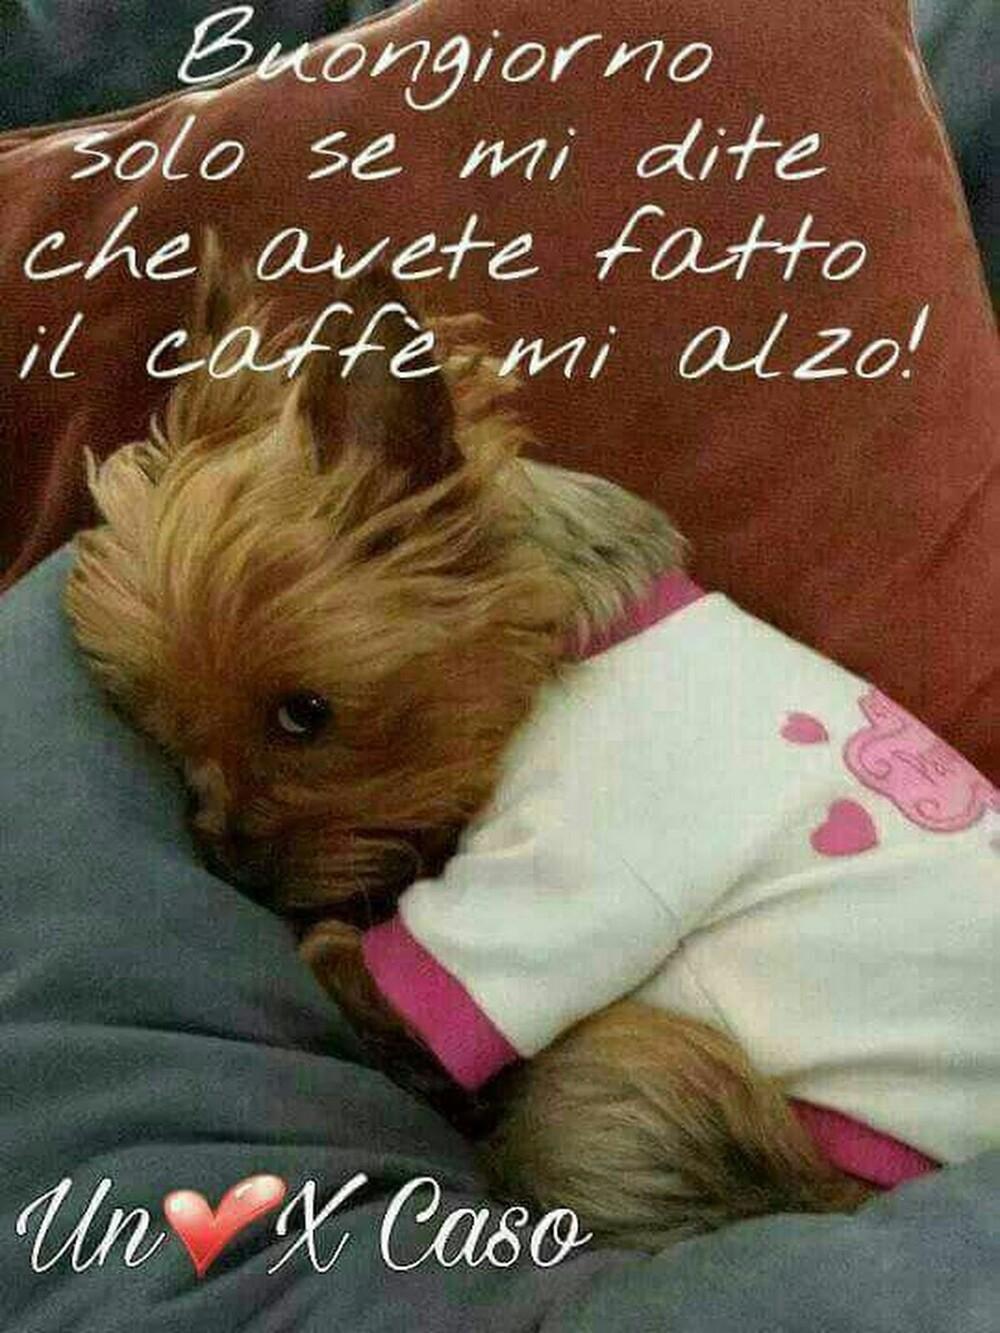 Buongiorno solo se mi dite che avete fatto il caffè, mi alzo!!